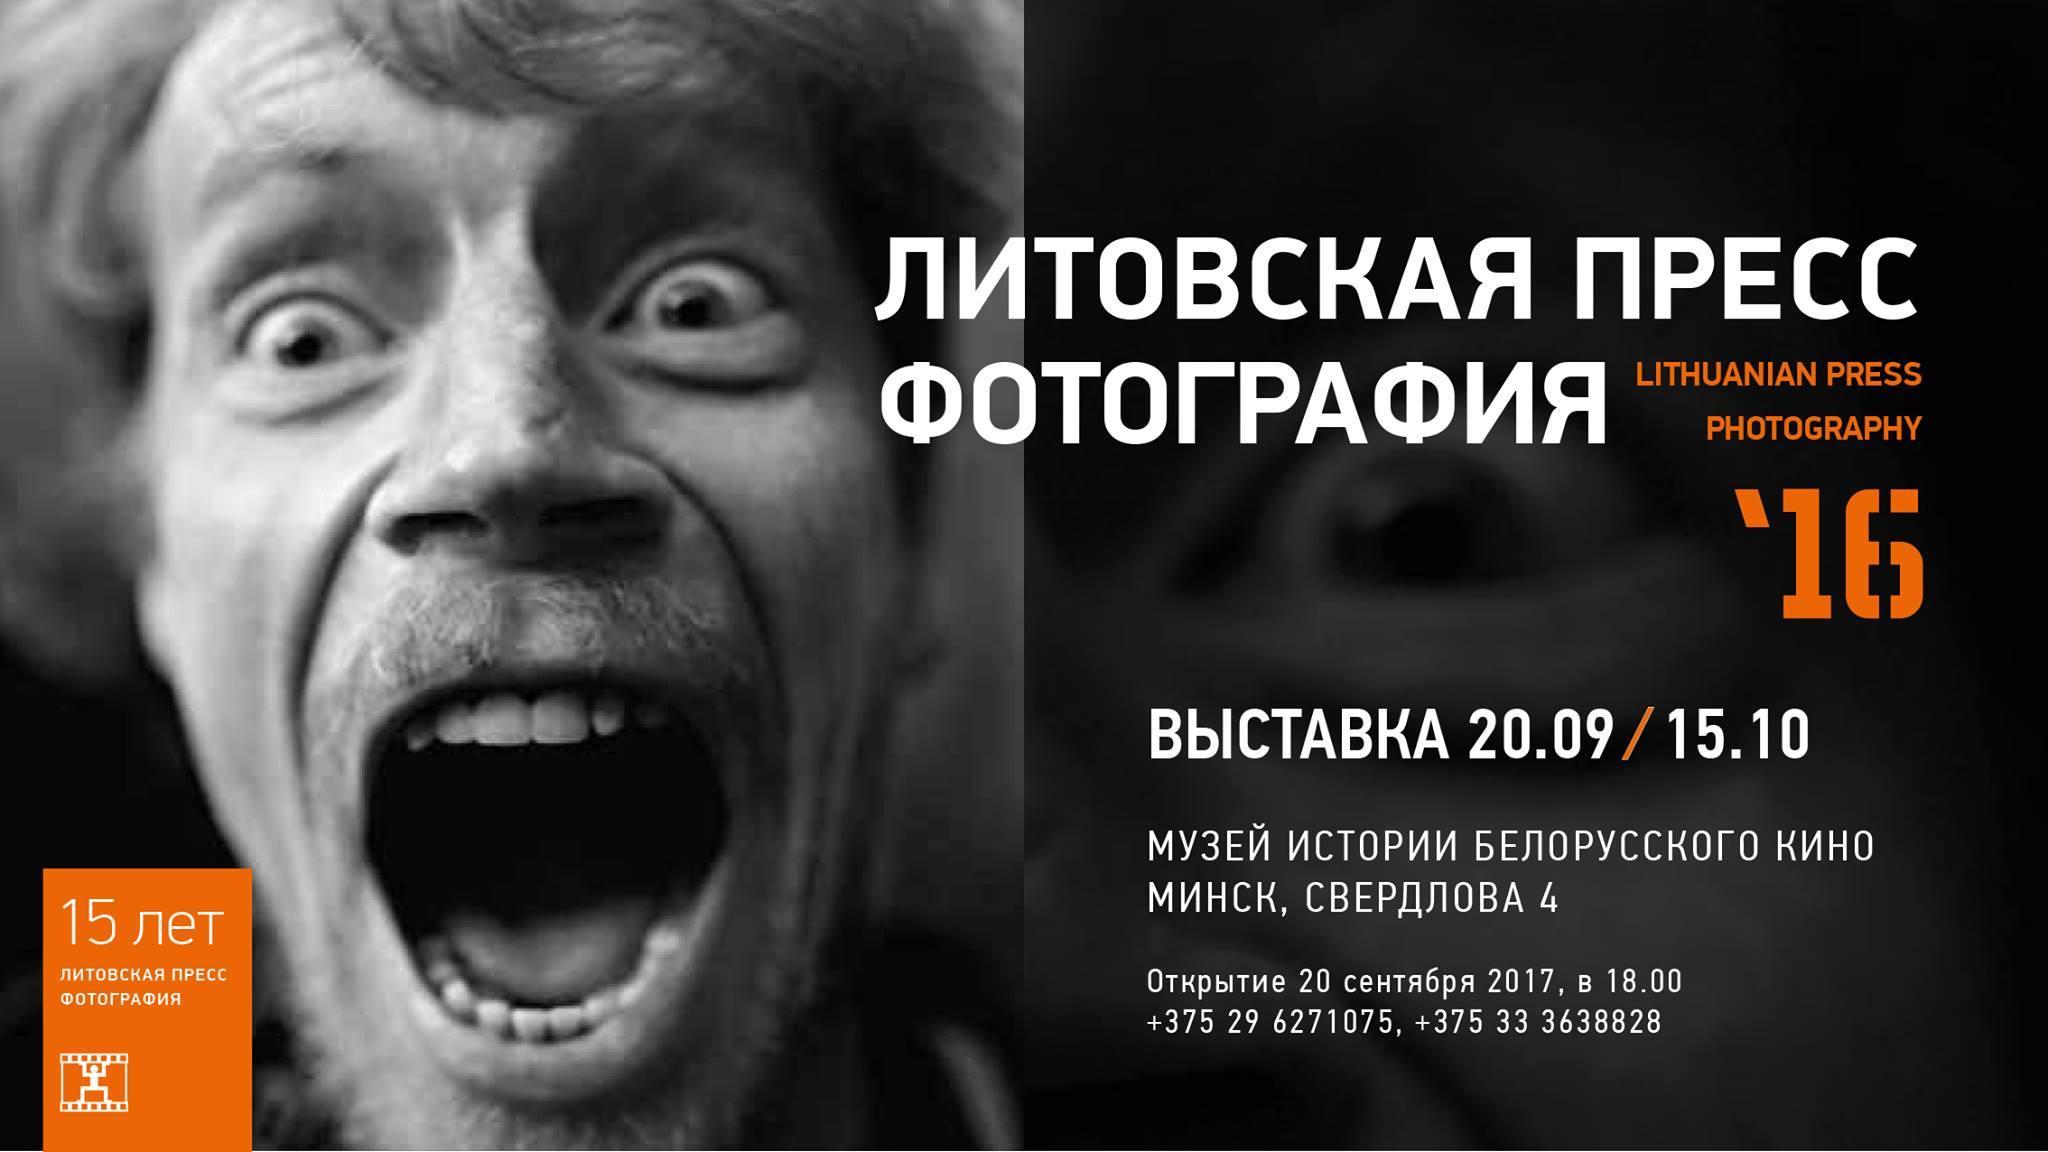 Литовская Пресс–Фотография. 15 лет